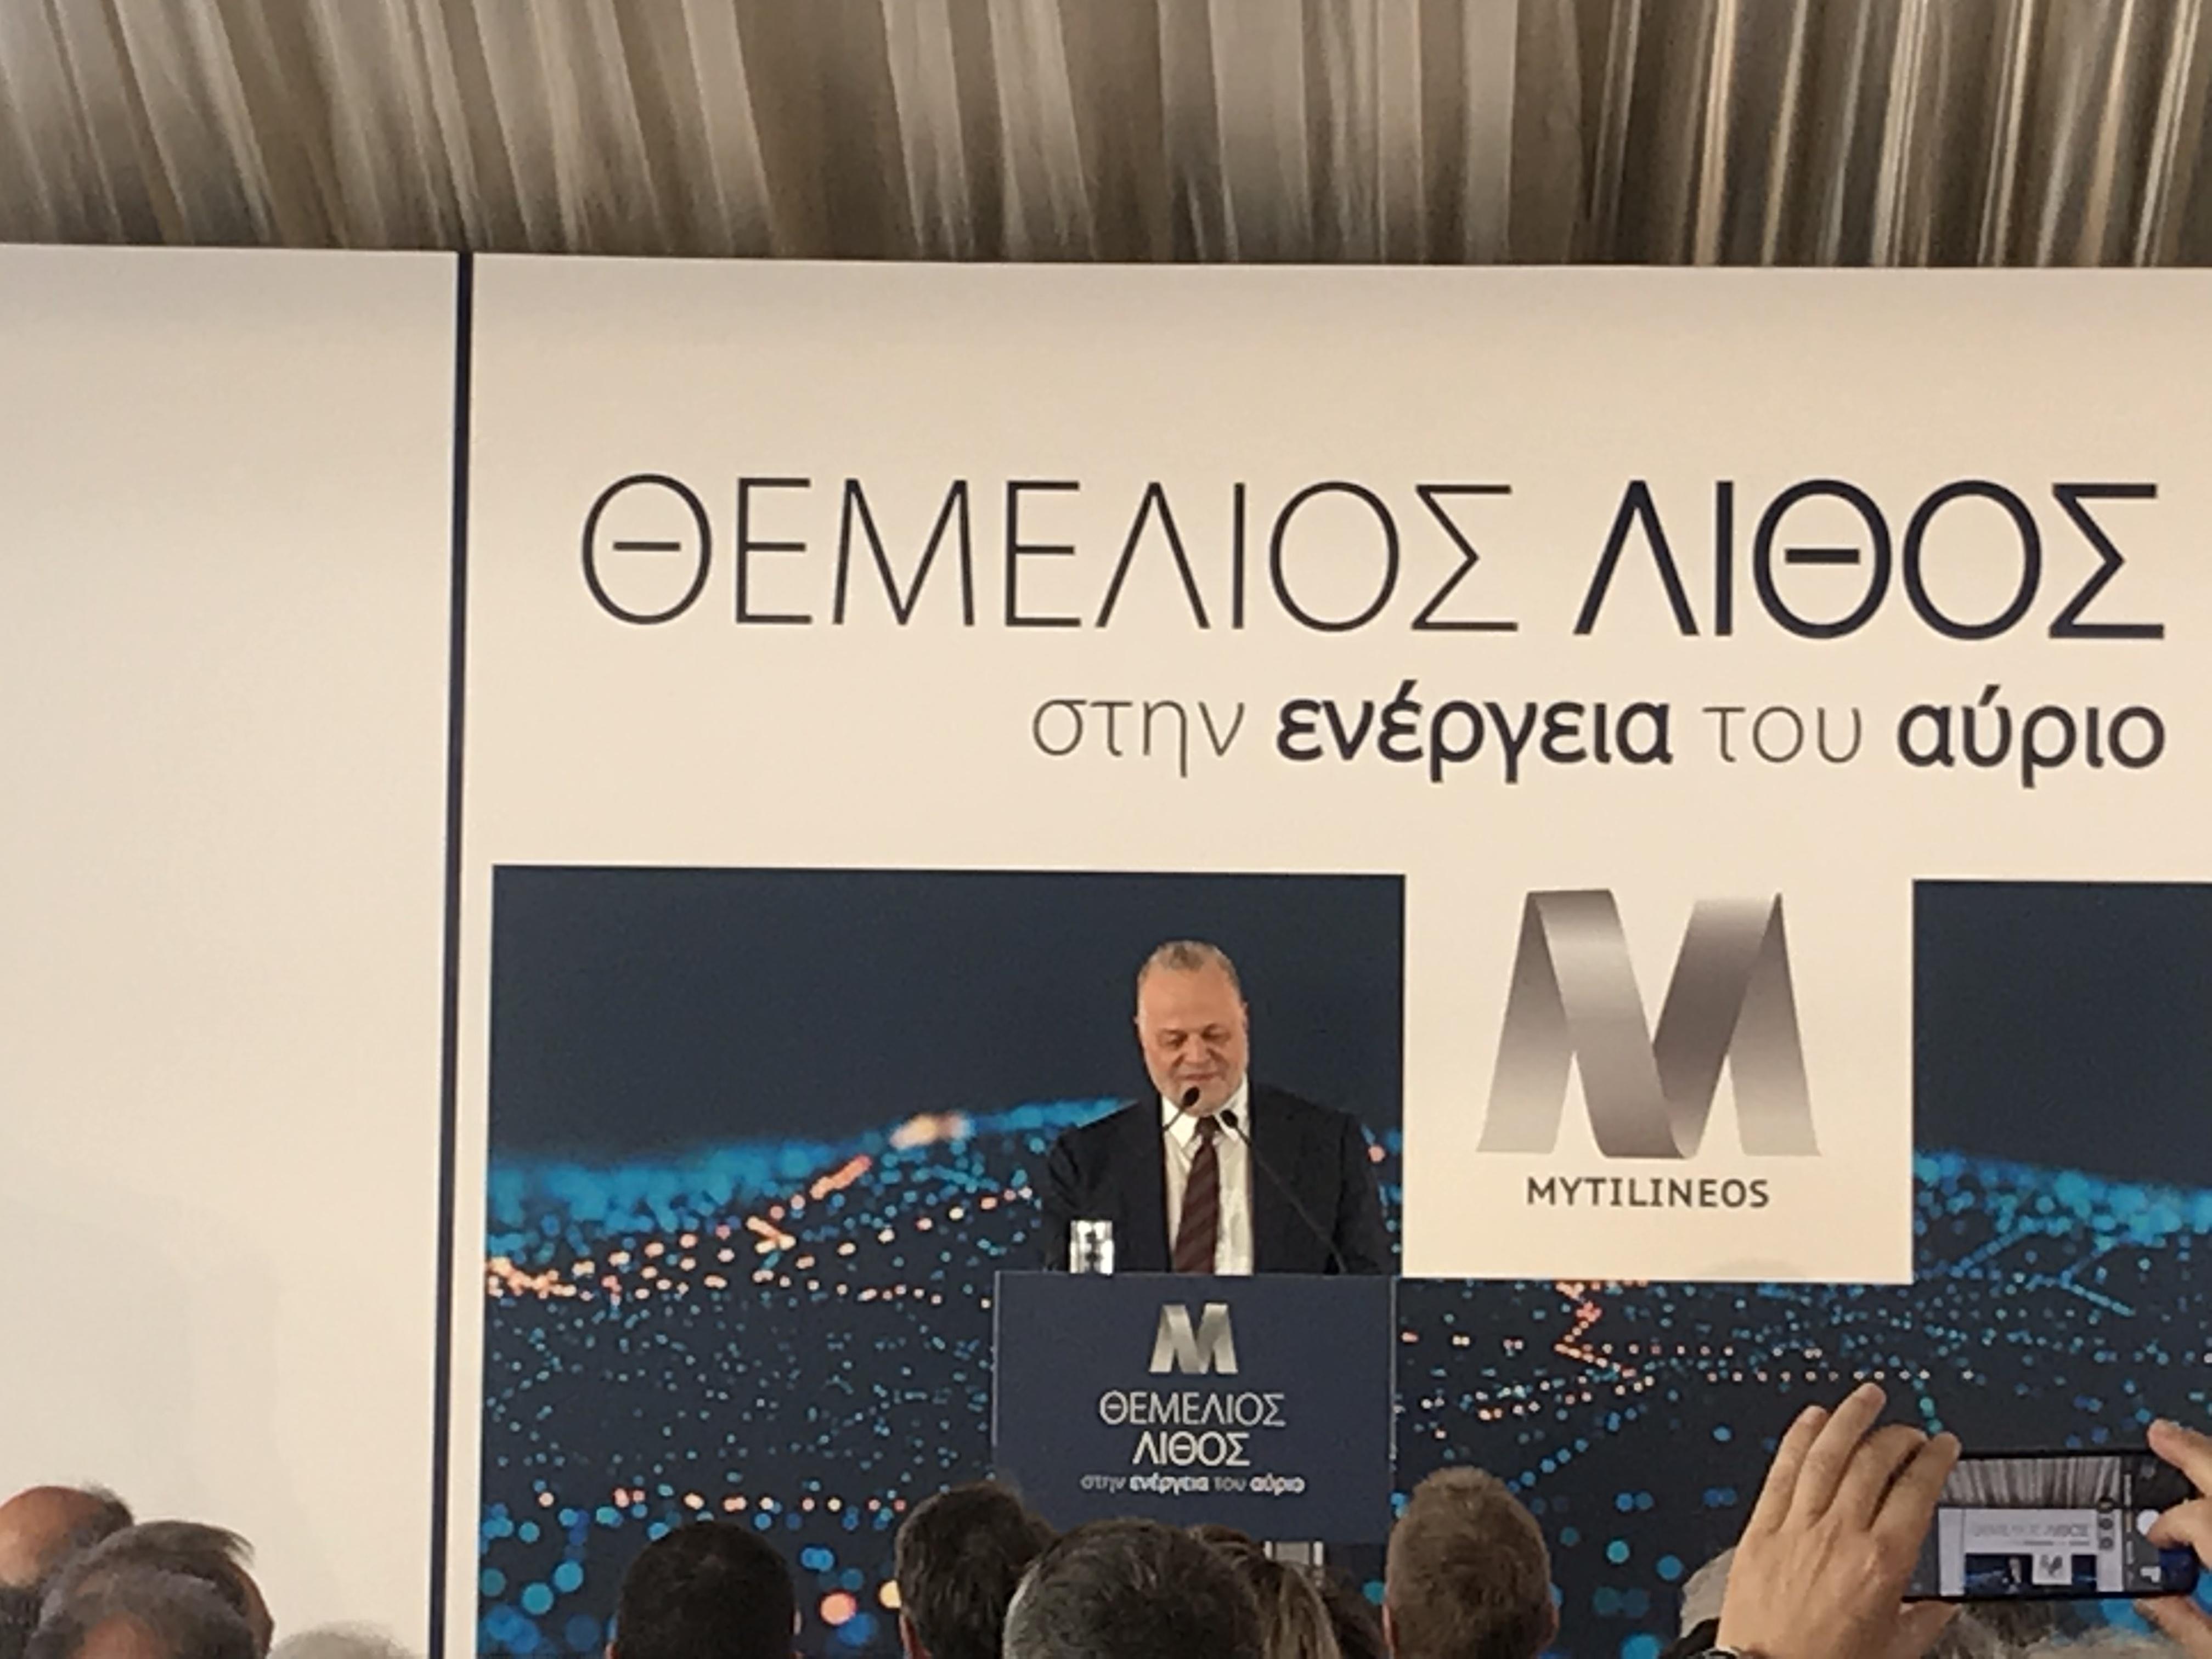 Ξεκινά η κατασκευή του εργοστασίου παραγωγής ηλ. ενέργειας του Μυτιληναίου